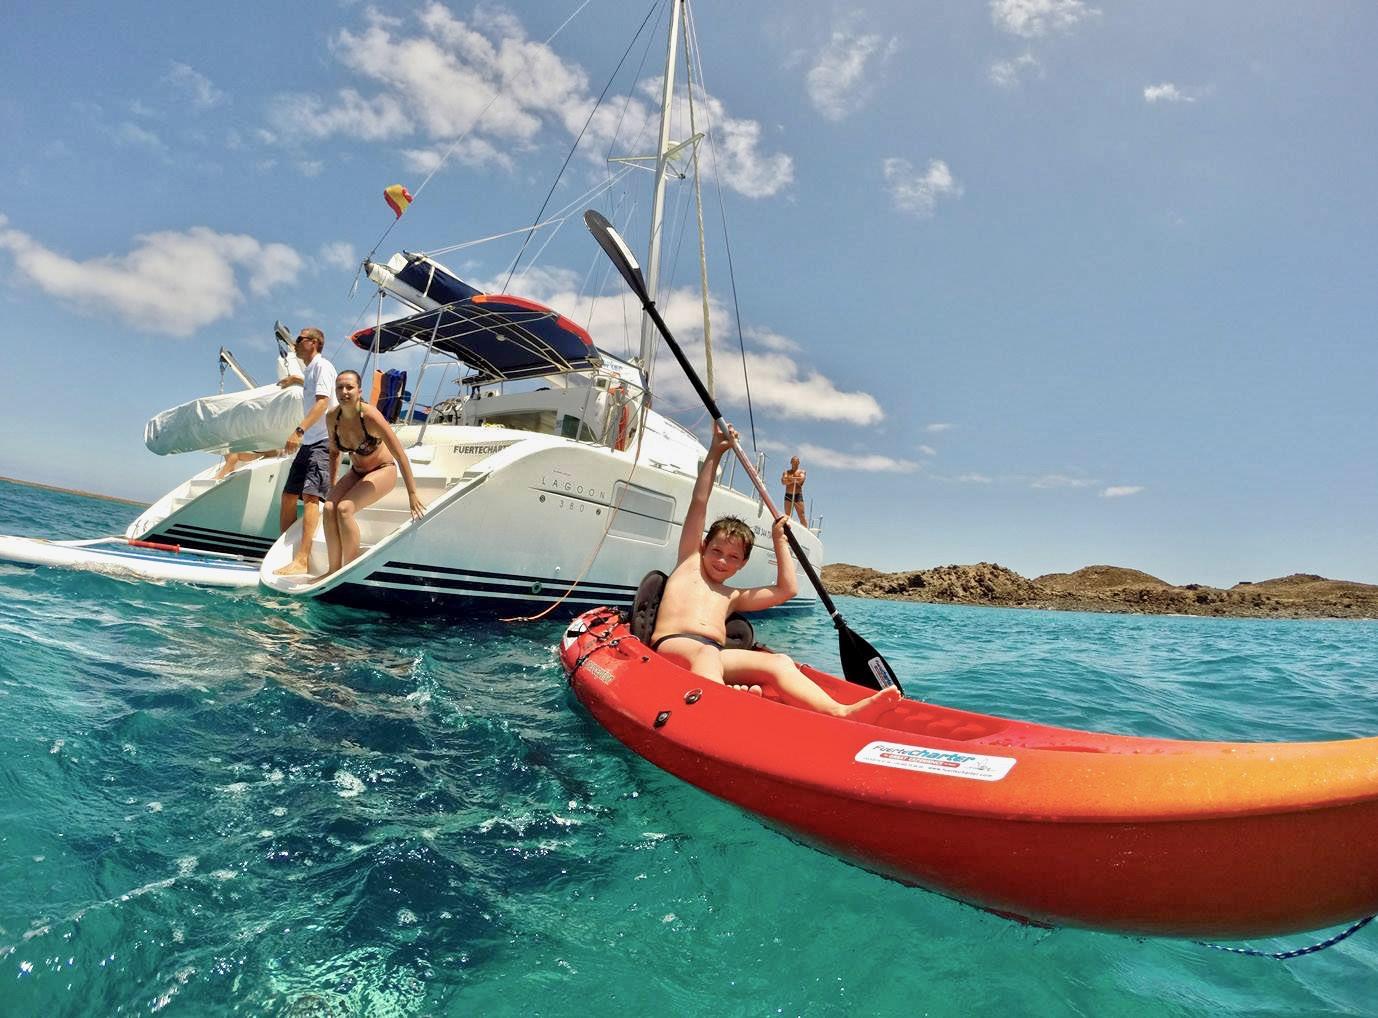 Una pequeña familia disfrutando en el agua y en un kayak durante su excursión en un catamarán de alquiler privado.